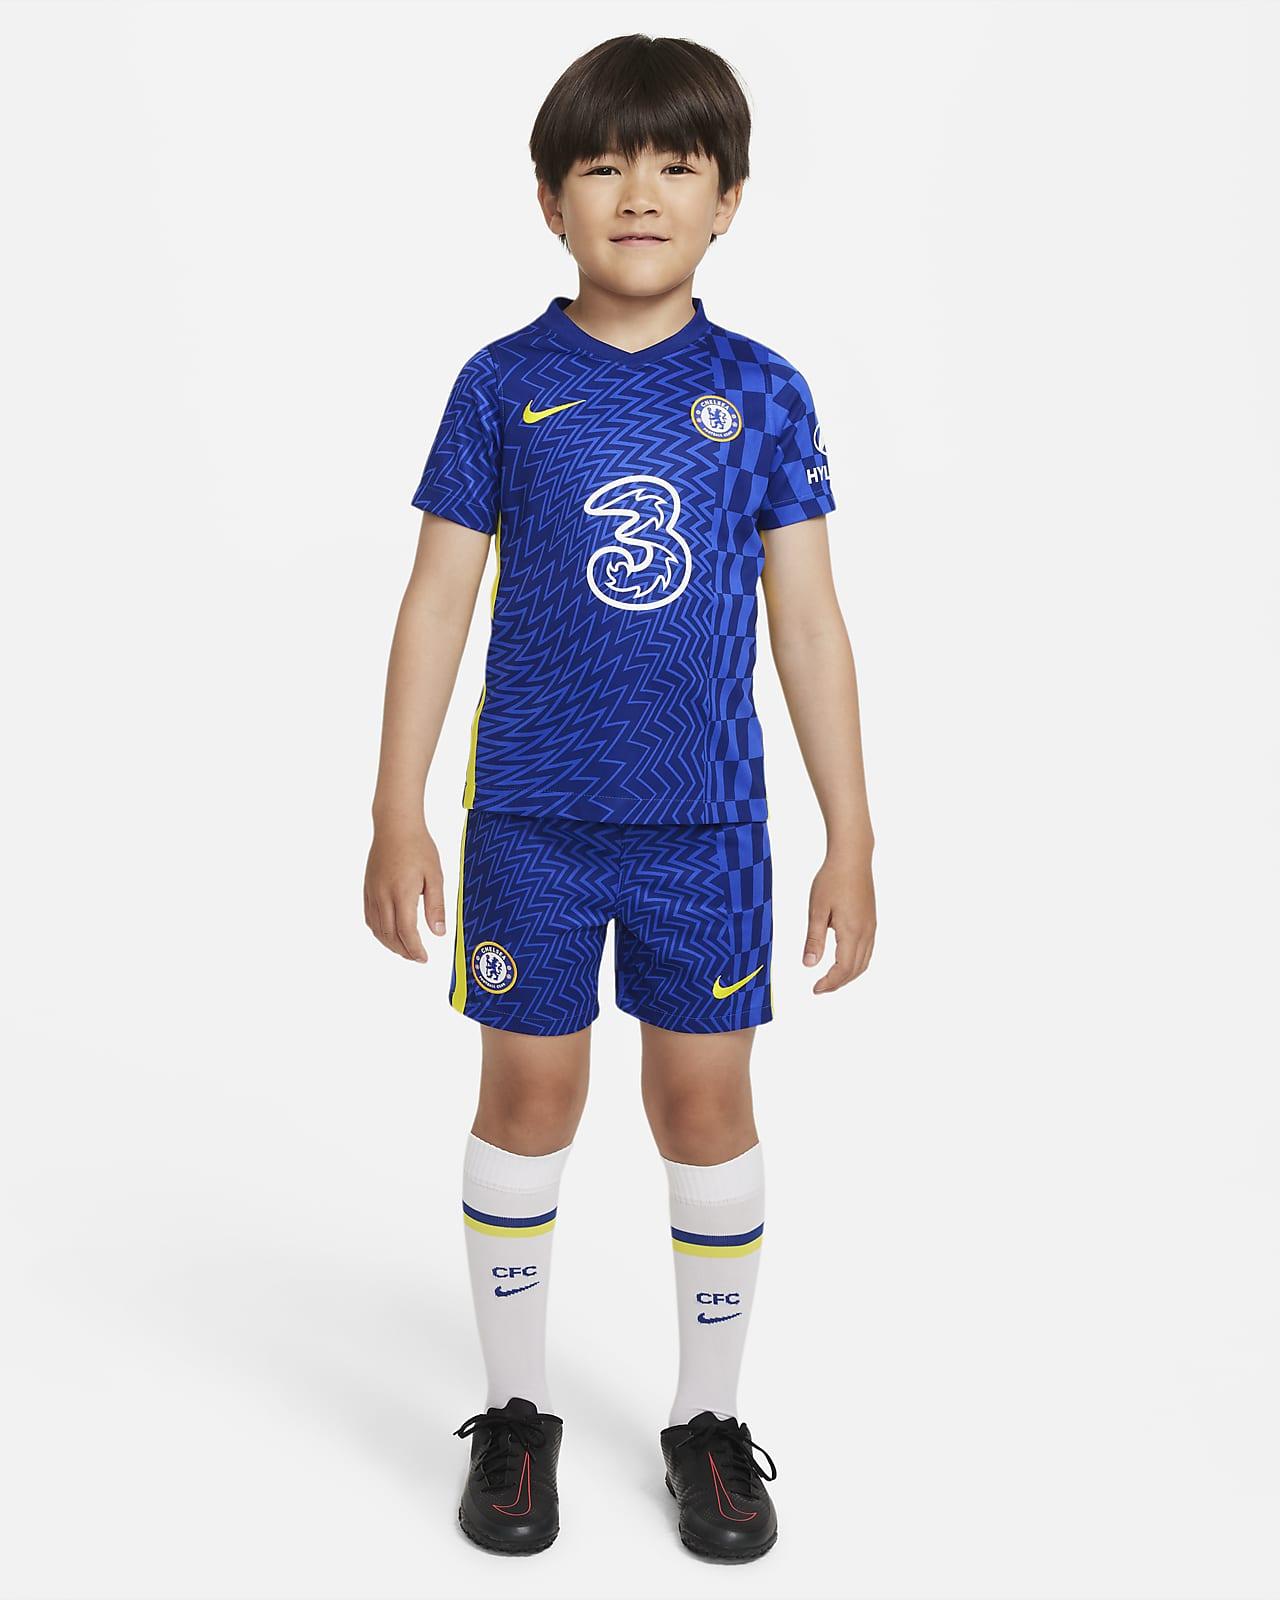 Tenue de football Chelsea FC 2021/22 Domicile pour Jeune enfant